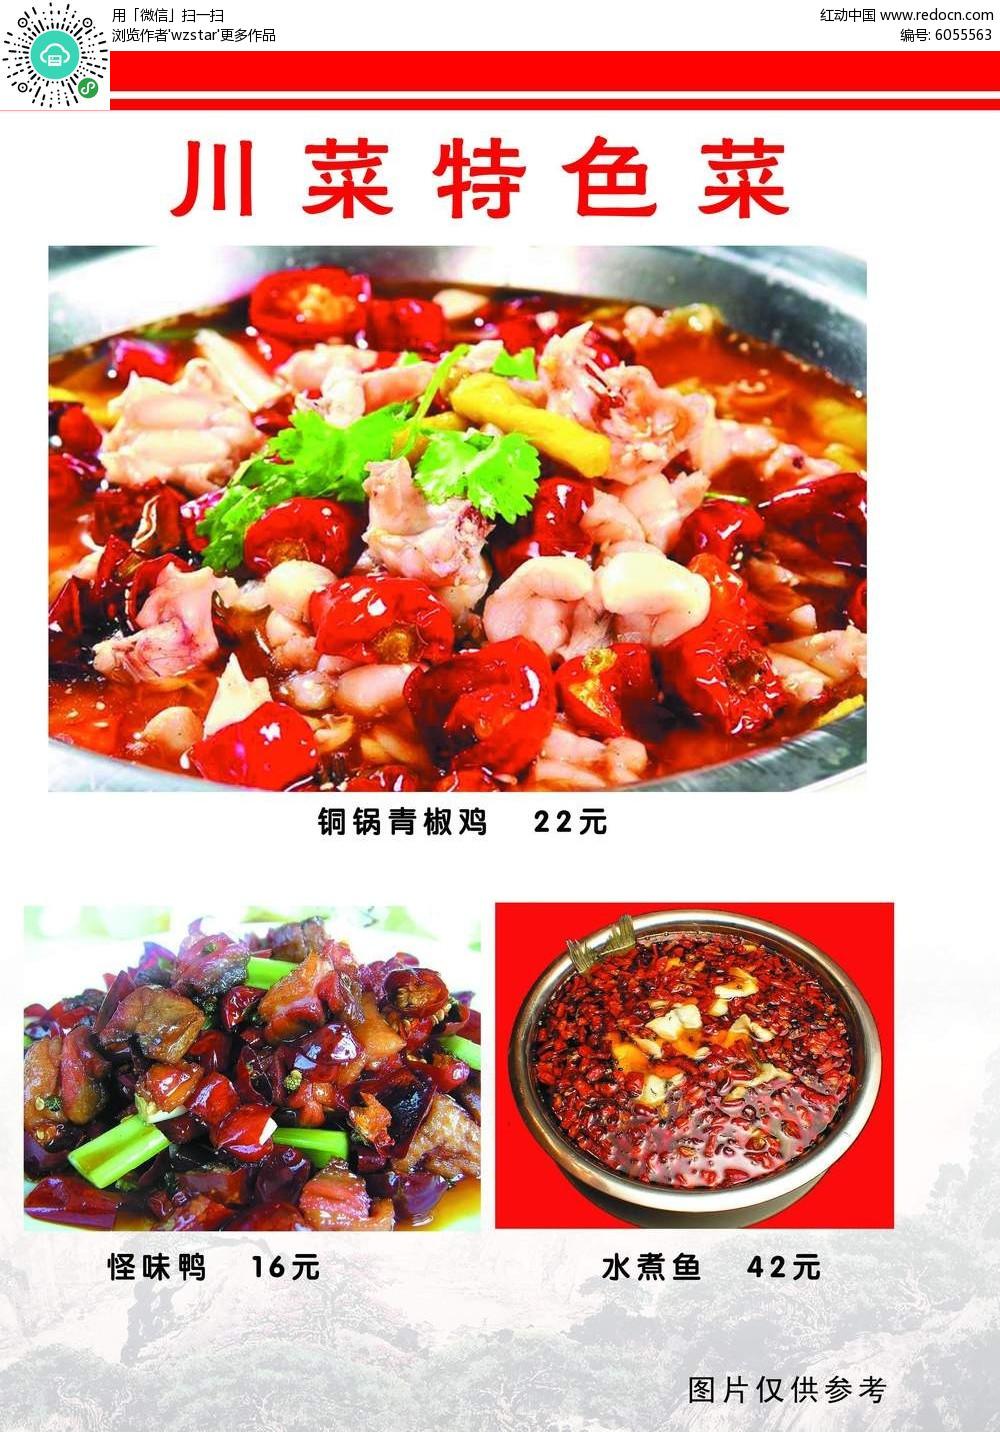 川菜特色简约美食菜谱设计PSD素材免费下载 编号6055563 红动网